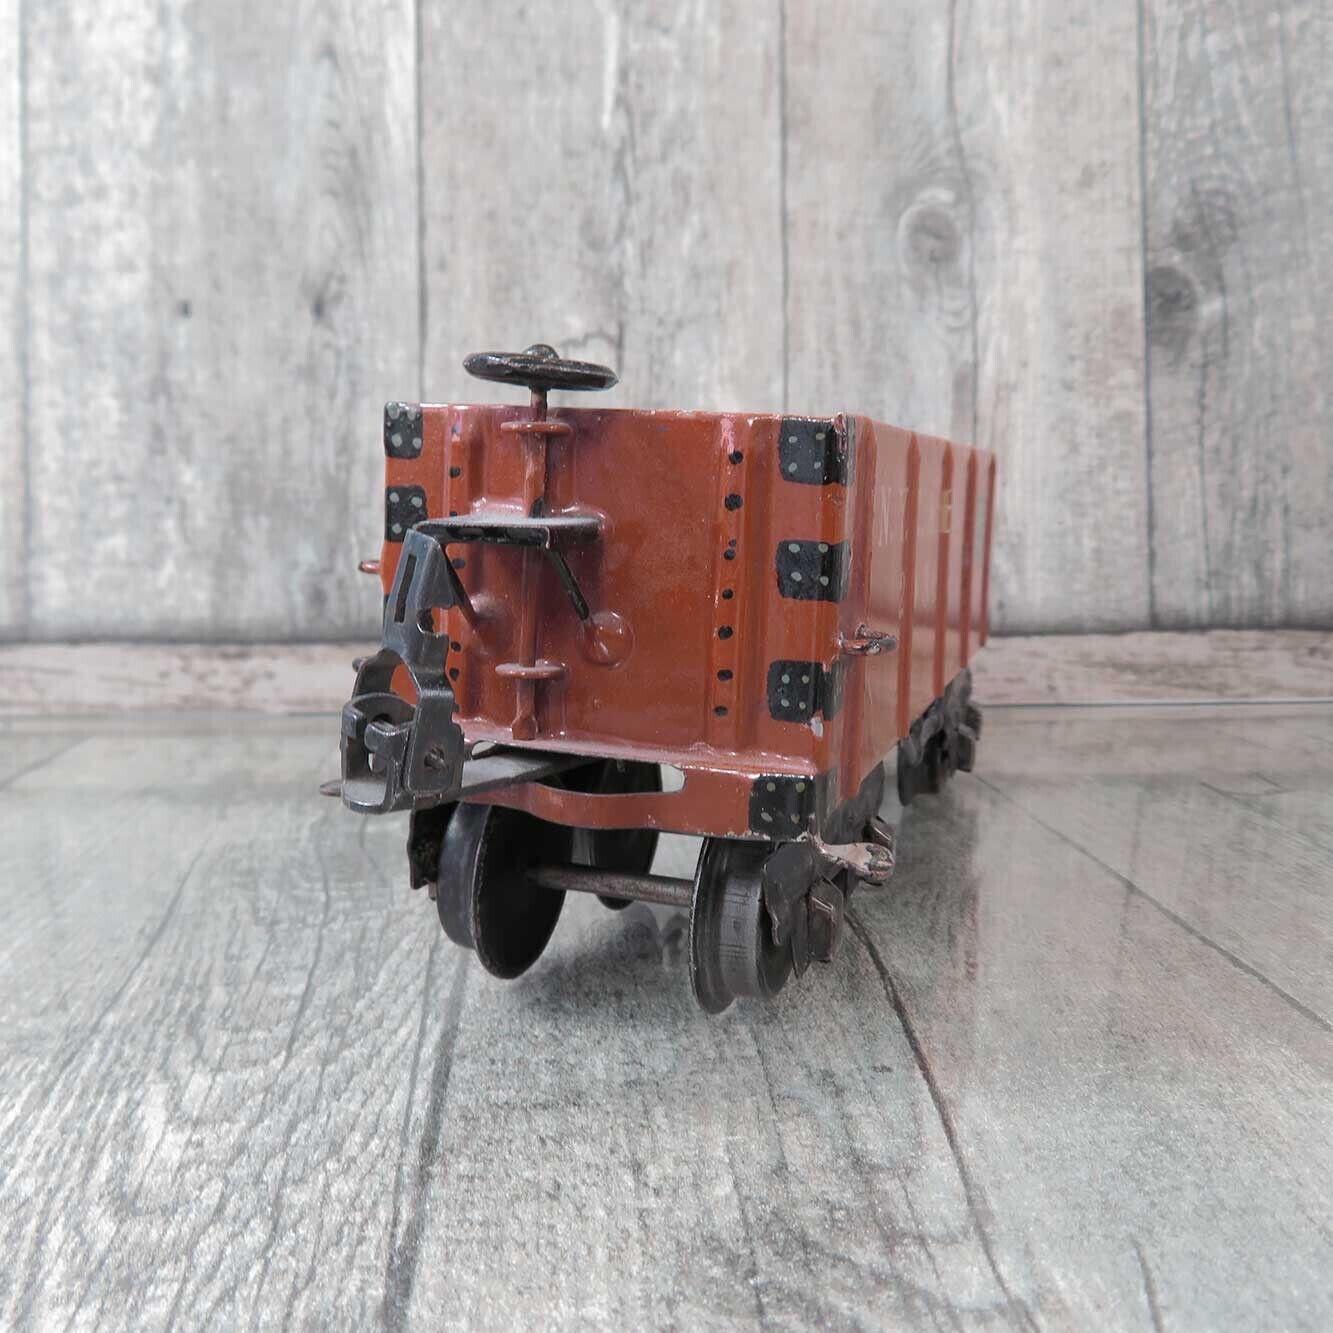 marklin 2930 - SPUR SPUR SPUR 0 - N.Y.C. & H. R. Hochbord  US Exportmodellolol -  J25027 0d5902